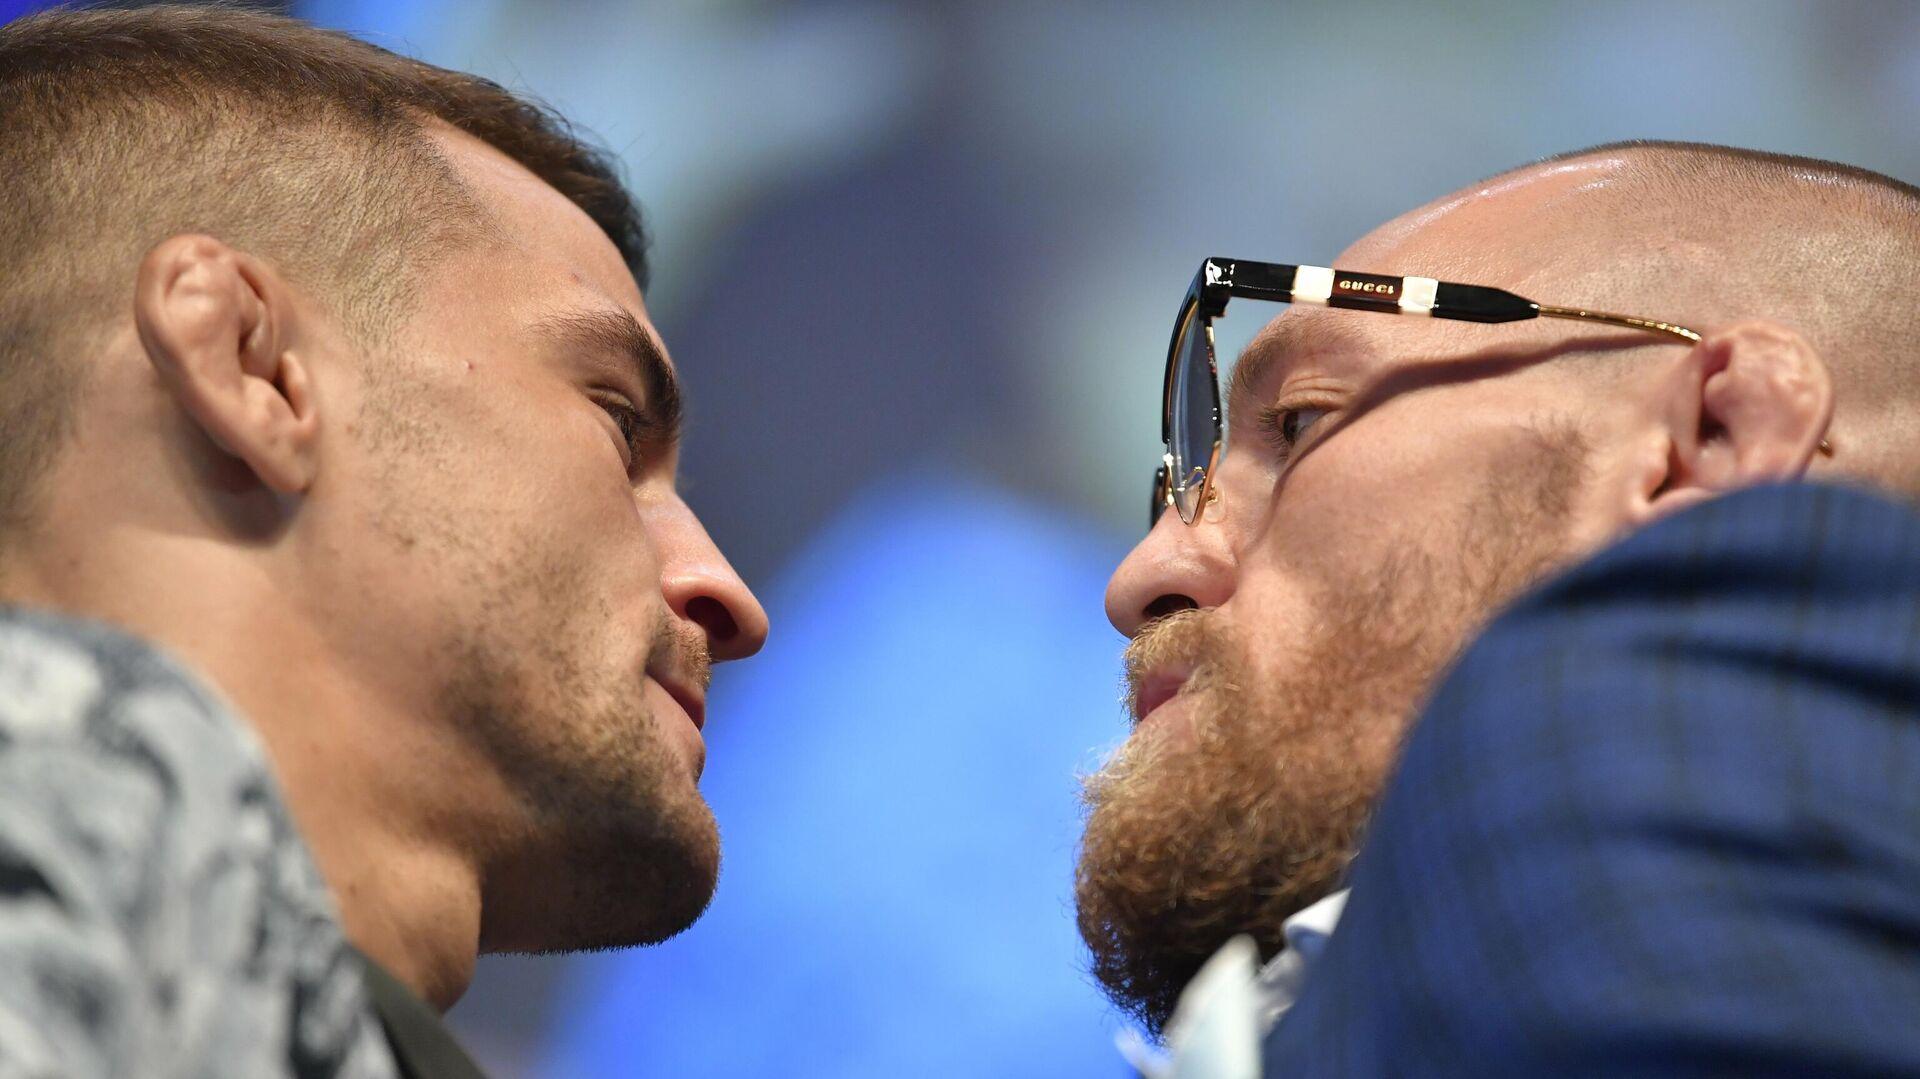 Дуэль взглядов между бойцами UFC Дастином Порье (слева) и Конором Макгрегором - РИА Новости, 1920, 24.01.2021